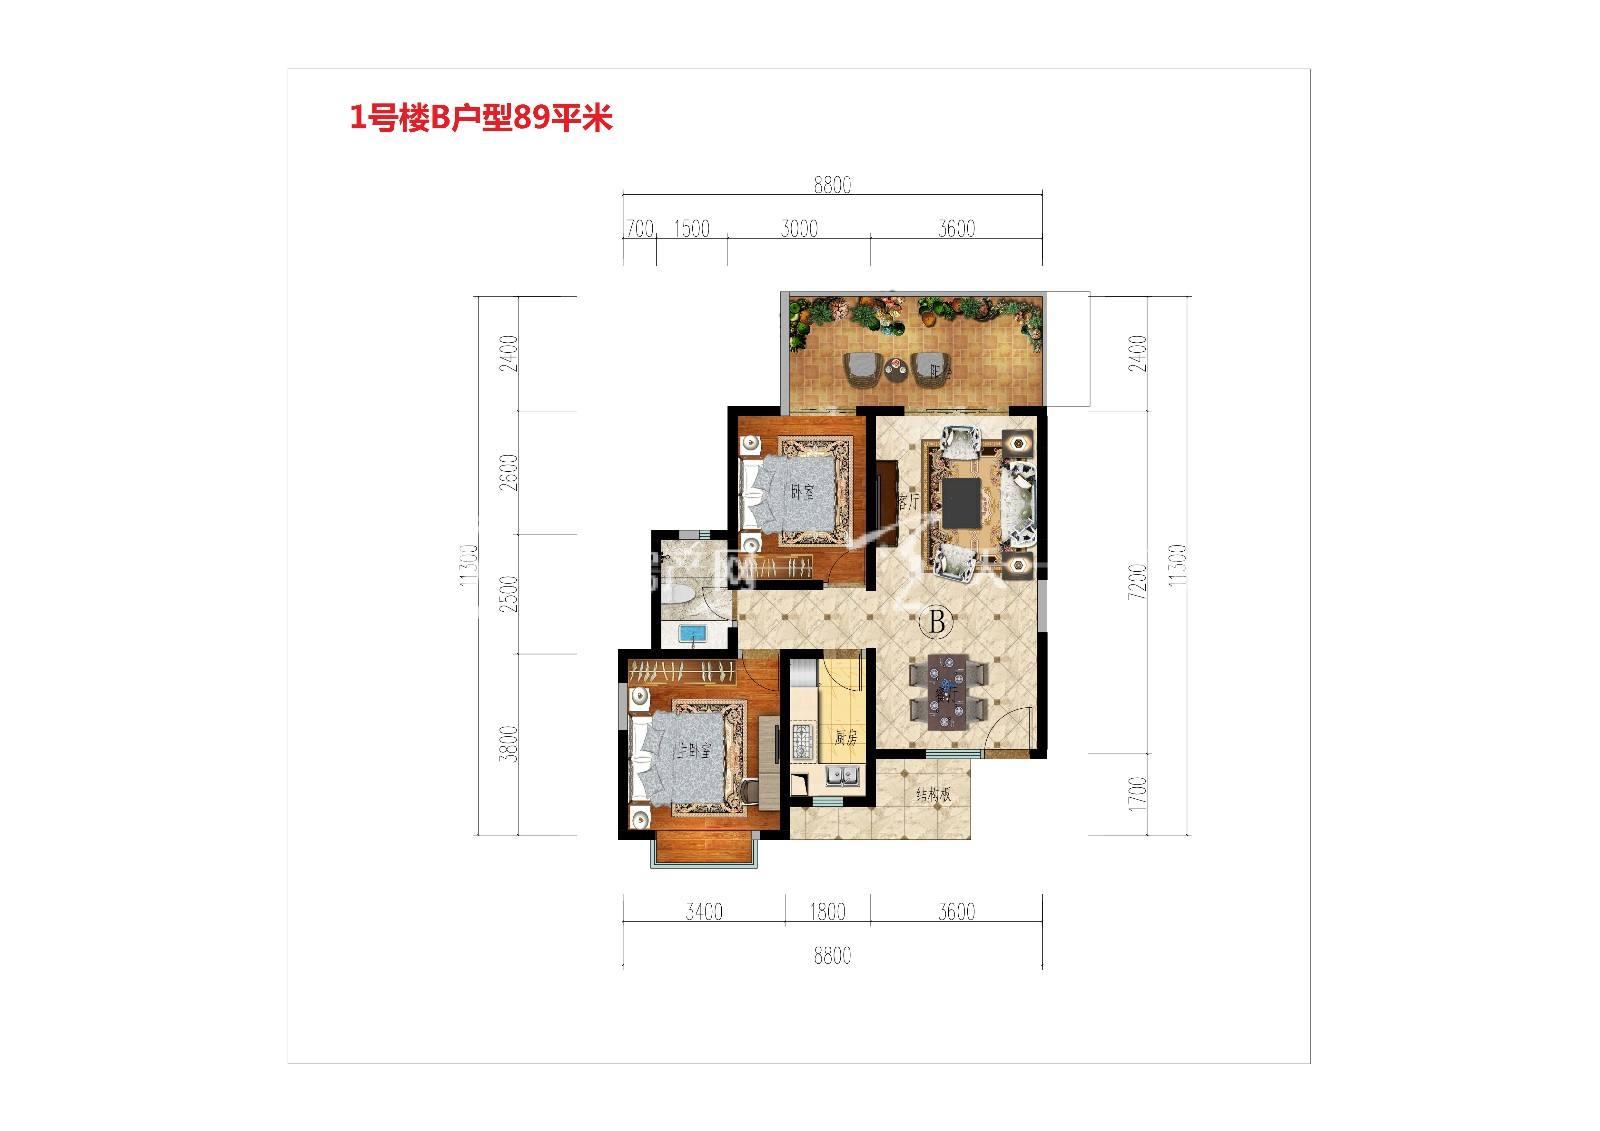 古滇名城1号楼B户型2房建筑面积89平米.jpg